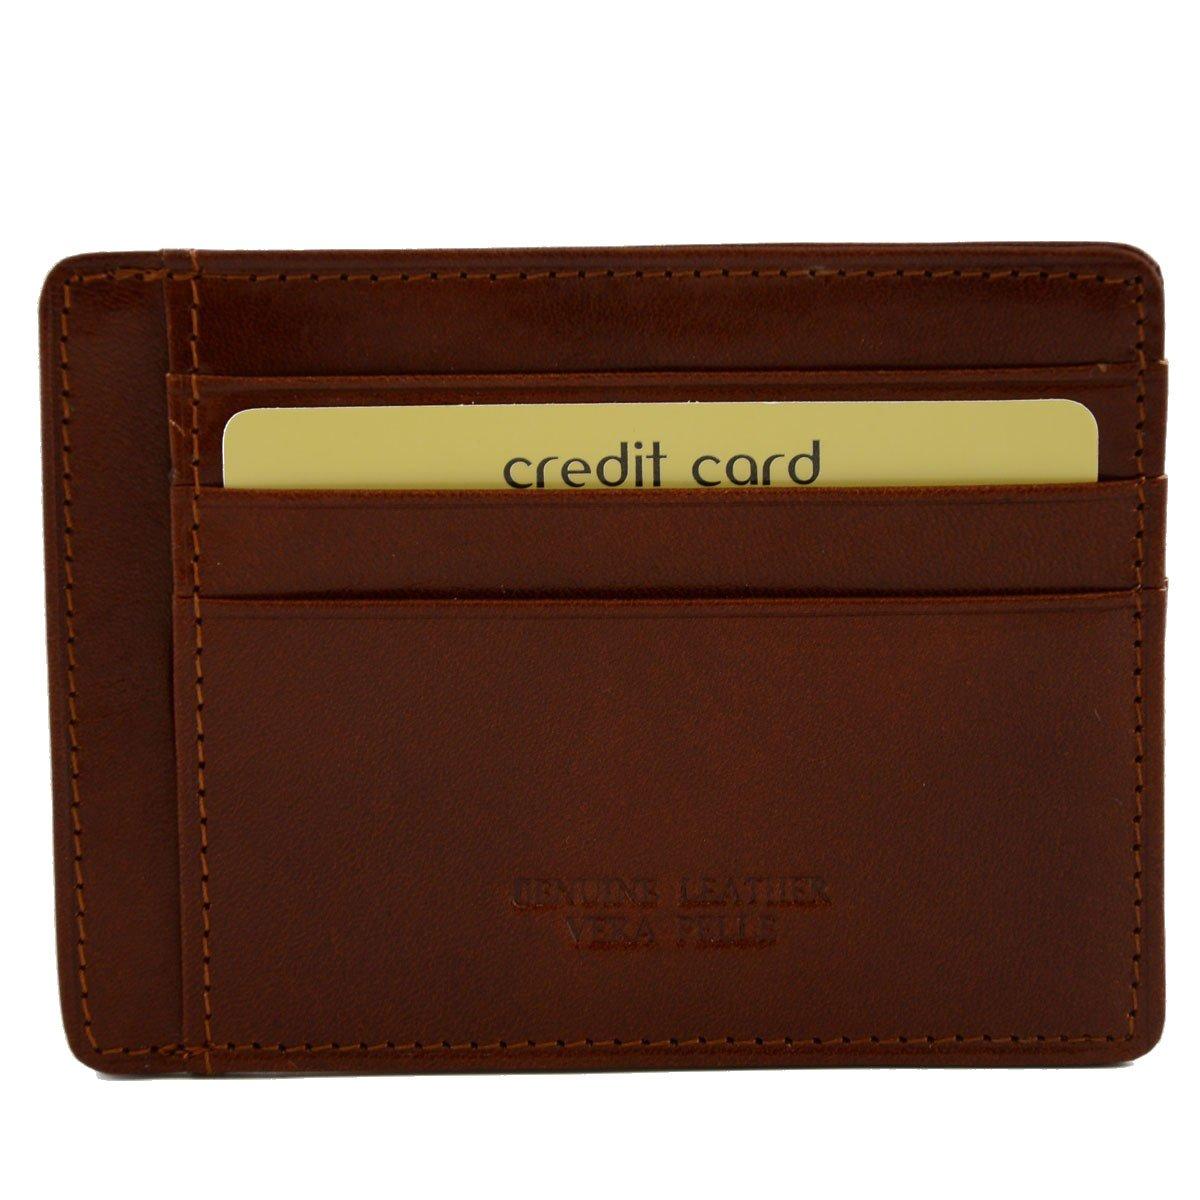 嫌なスラック居眠りするMade In Italy Genuine Leather Card Holder 9 Compartments Color Brown - Accessories